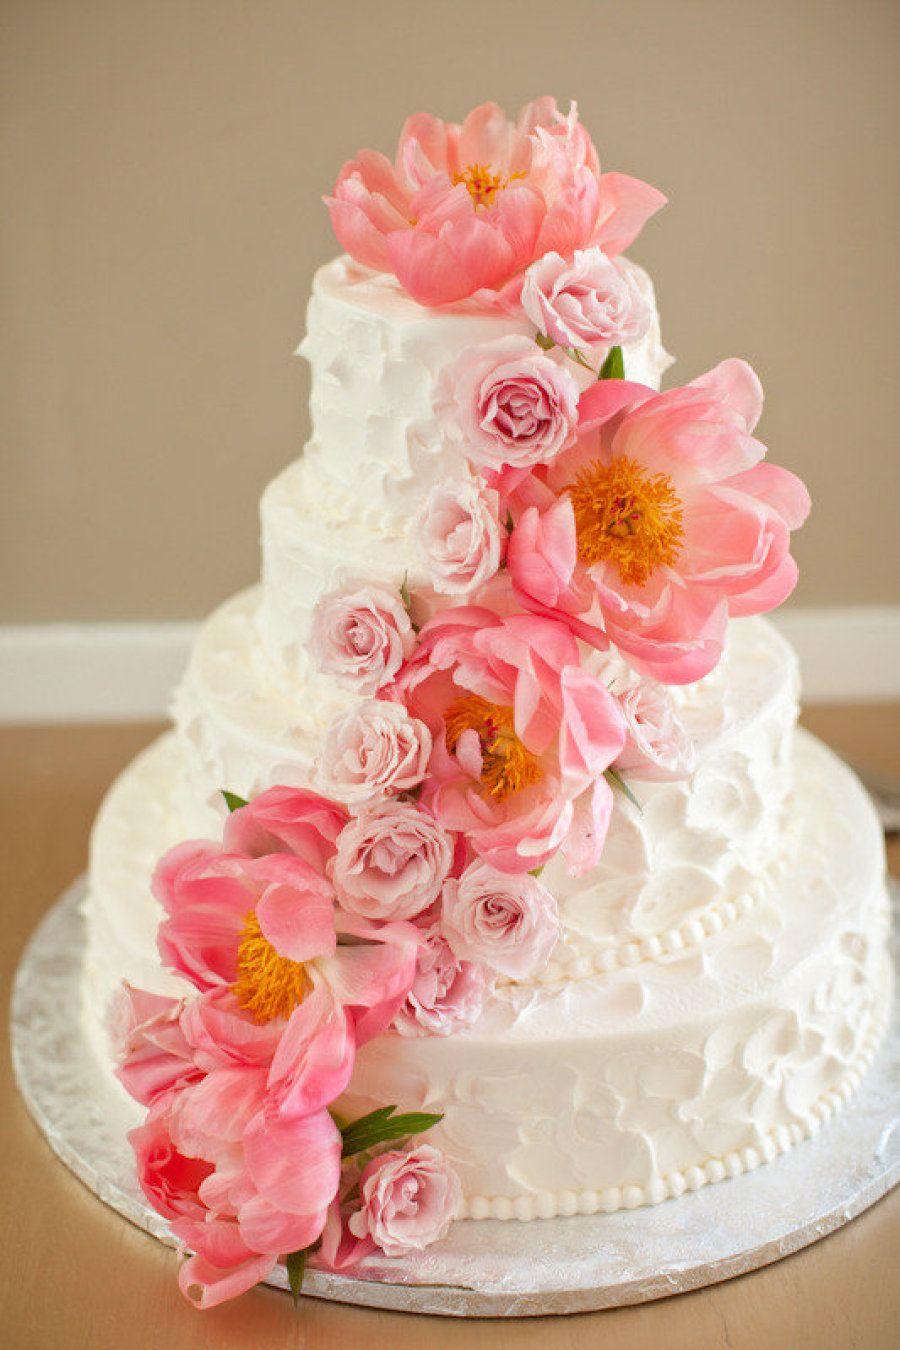 Photography by Caroline Frost Photography / carolinefrostphotography.com, Floral Design by Splendid Stems / SplendidStems.com